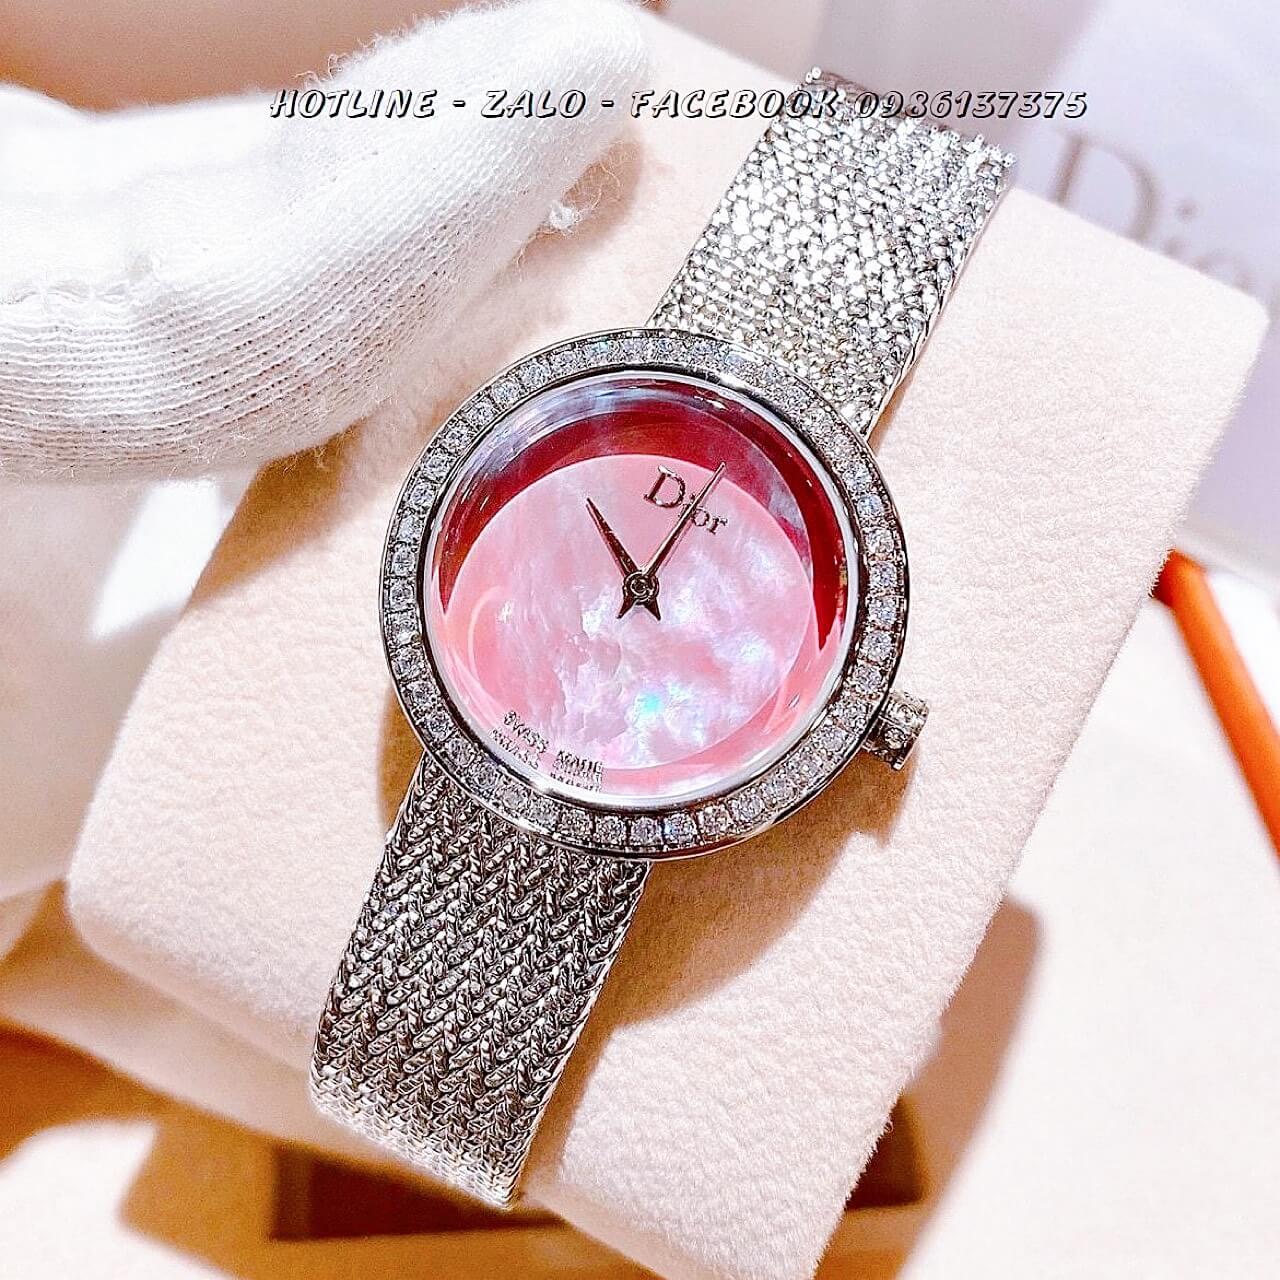 Đồng Hồ Dior Nữ Dây Bạc Mặt Hồng 31mm